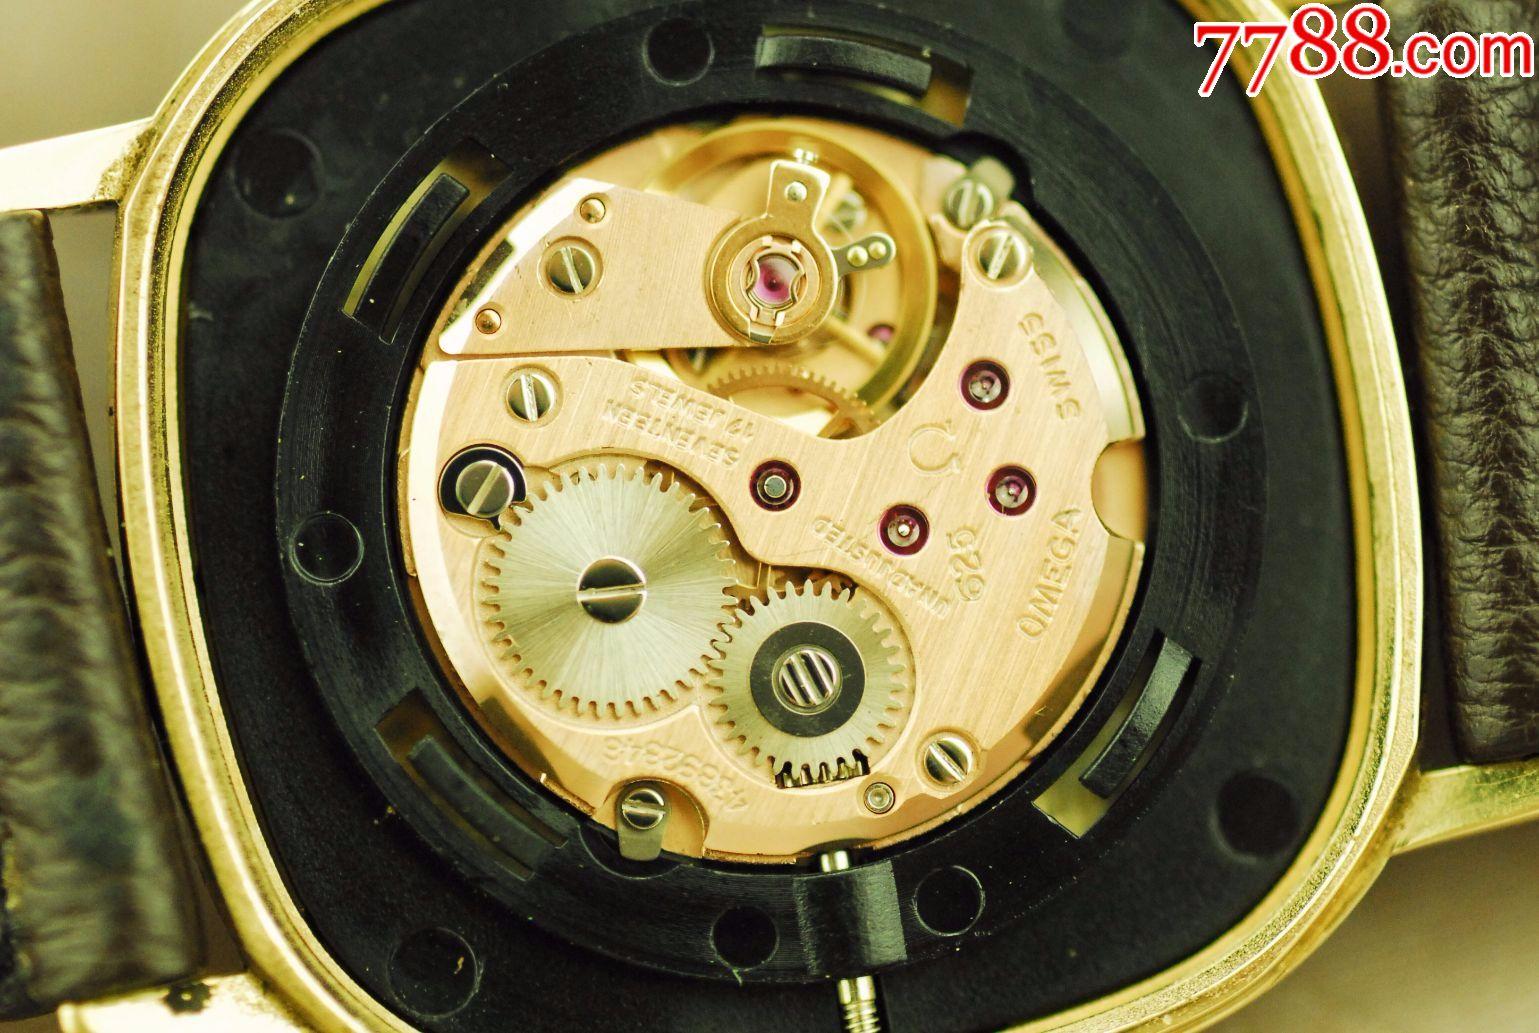 极品机芯欧米茄手表,经典625自产机芯-au13971141-/--图片